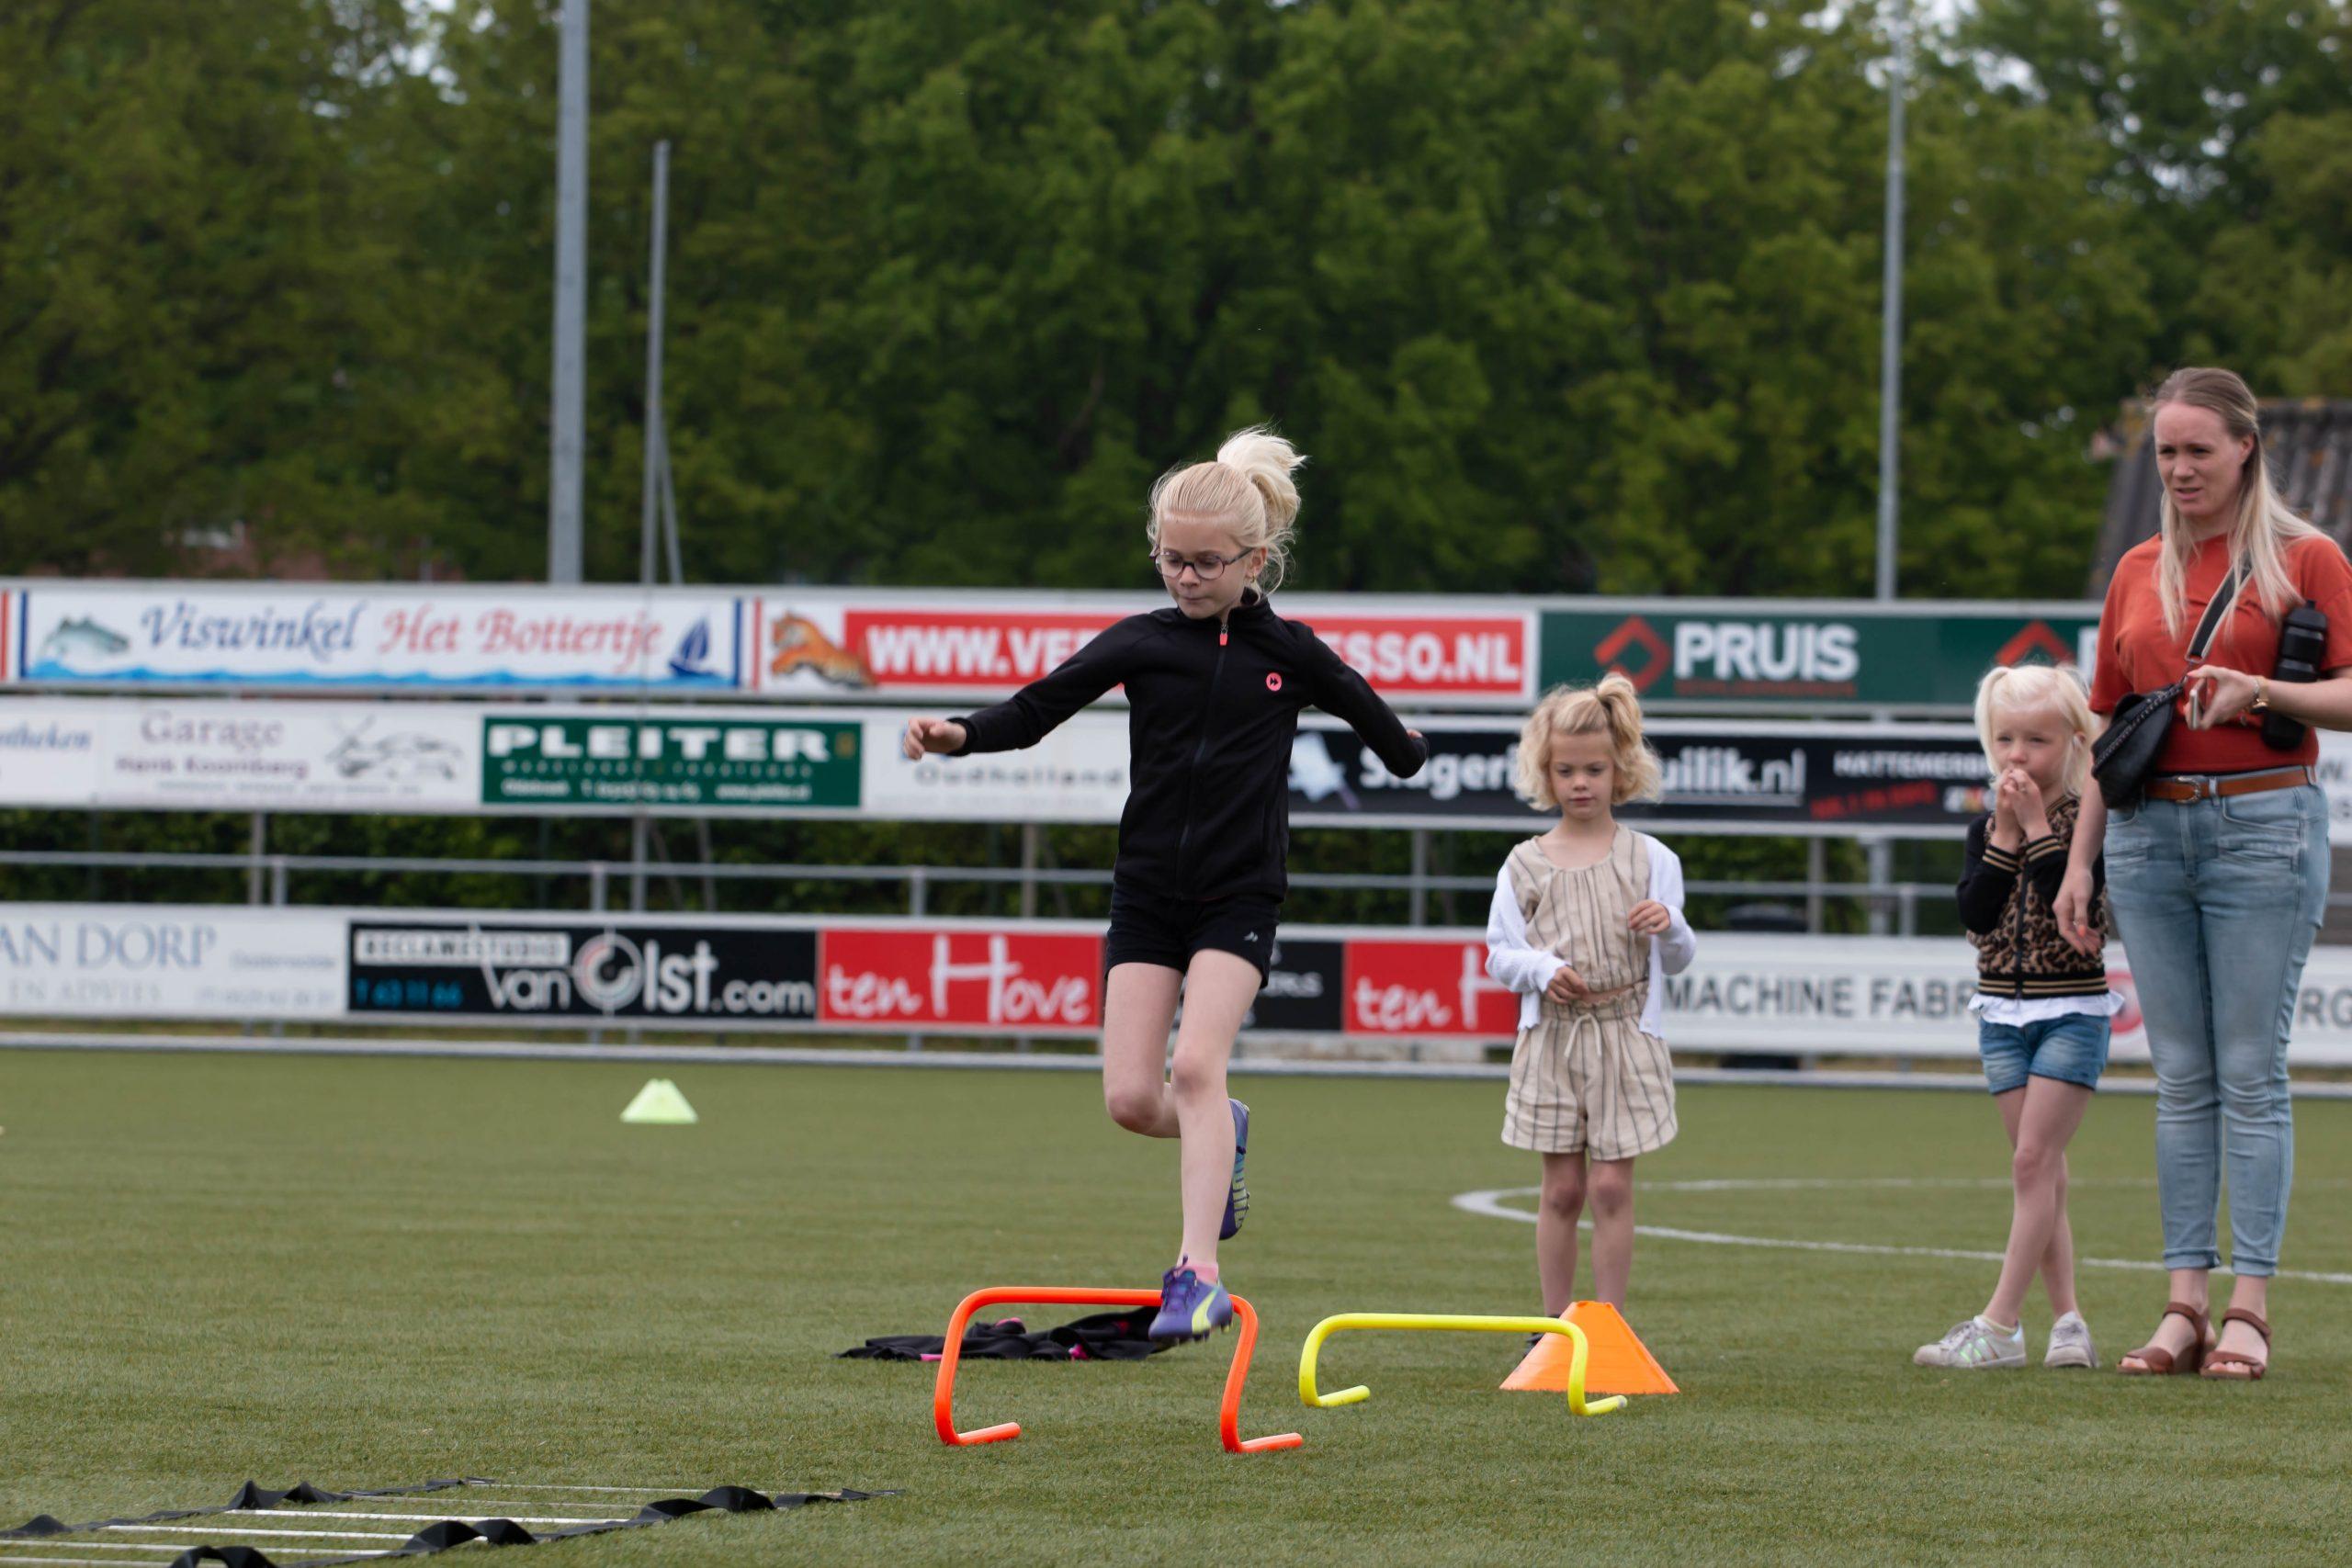 ElburgerSC - Afsluiting voetbalschool en inlooptraining groot succes!